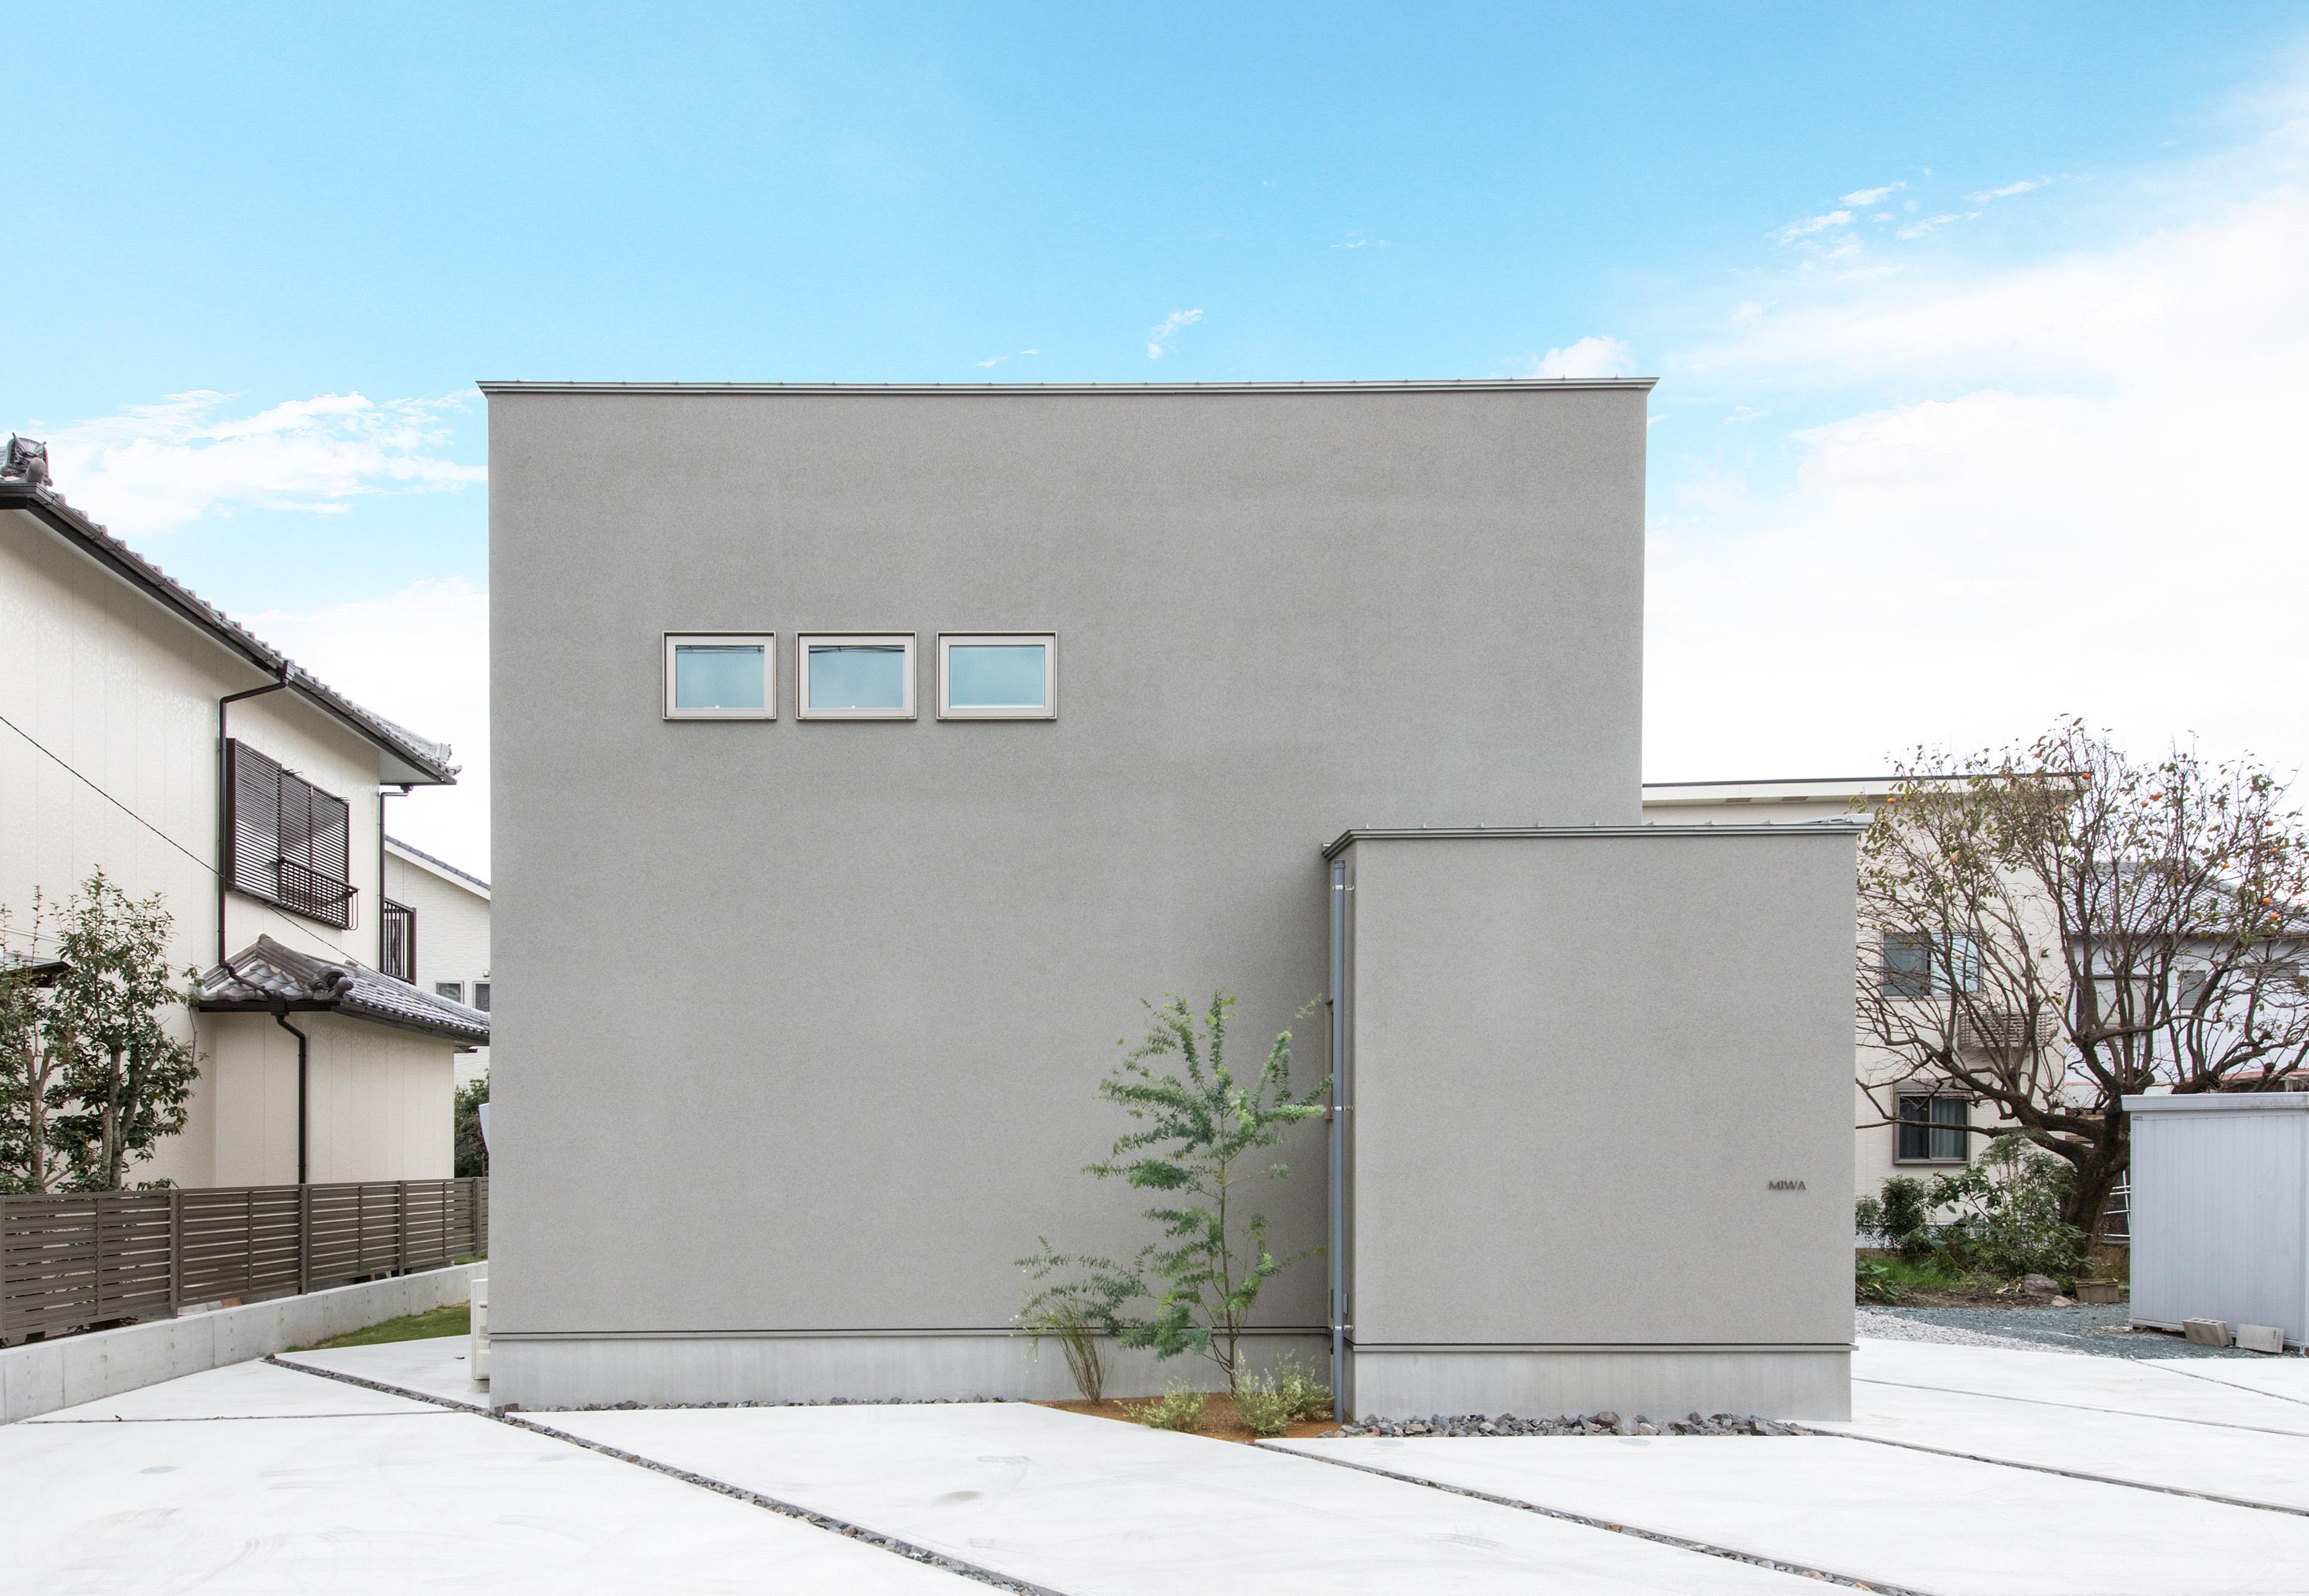 R+house藤枝(西遠建設)【デザイン住宅、建築家、インテリア】通路側からの視線を遮るように、玄関ポーチを壁で四角く囲ってあるため、大小の箱を2つ並べたような個性あふれるフォルムが実現。窓の配置も均整が取れて美しい